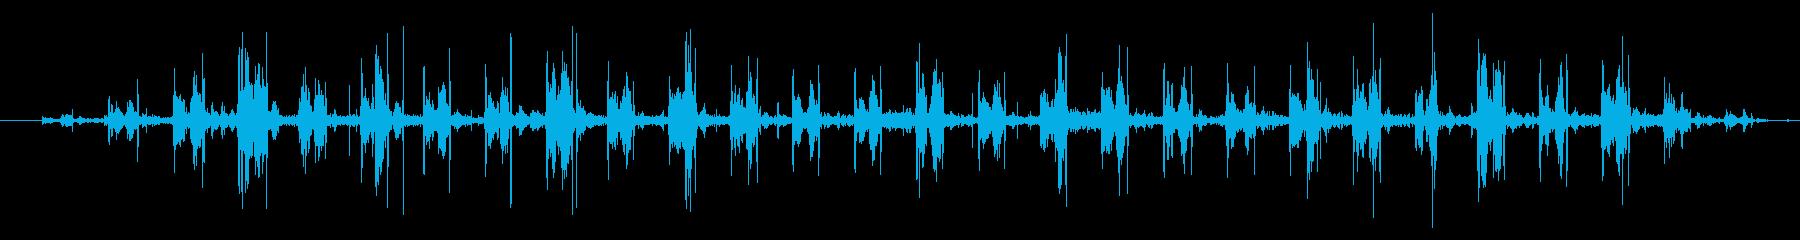 超音波ソノグラフ:一定の鼓動の再生済みの波形